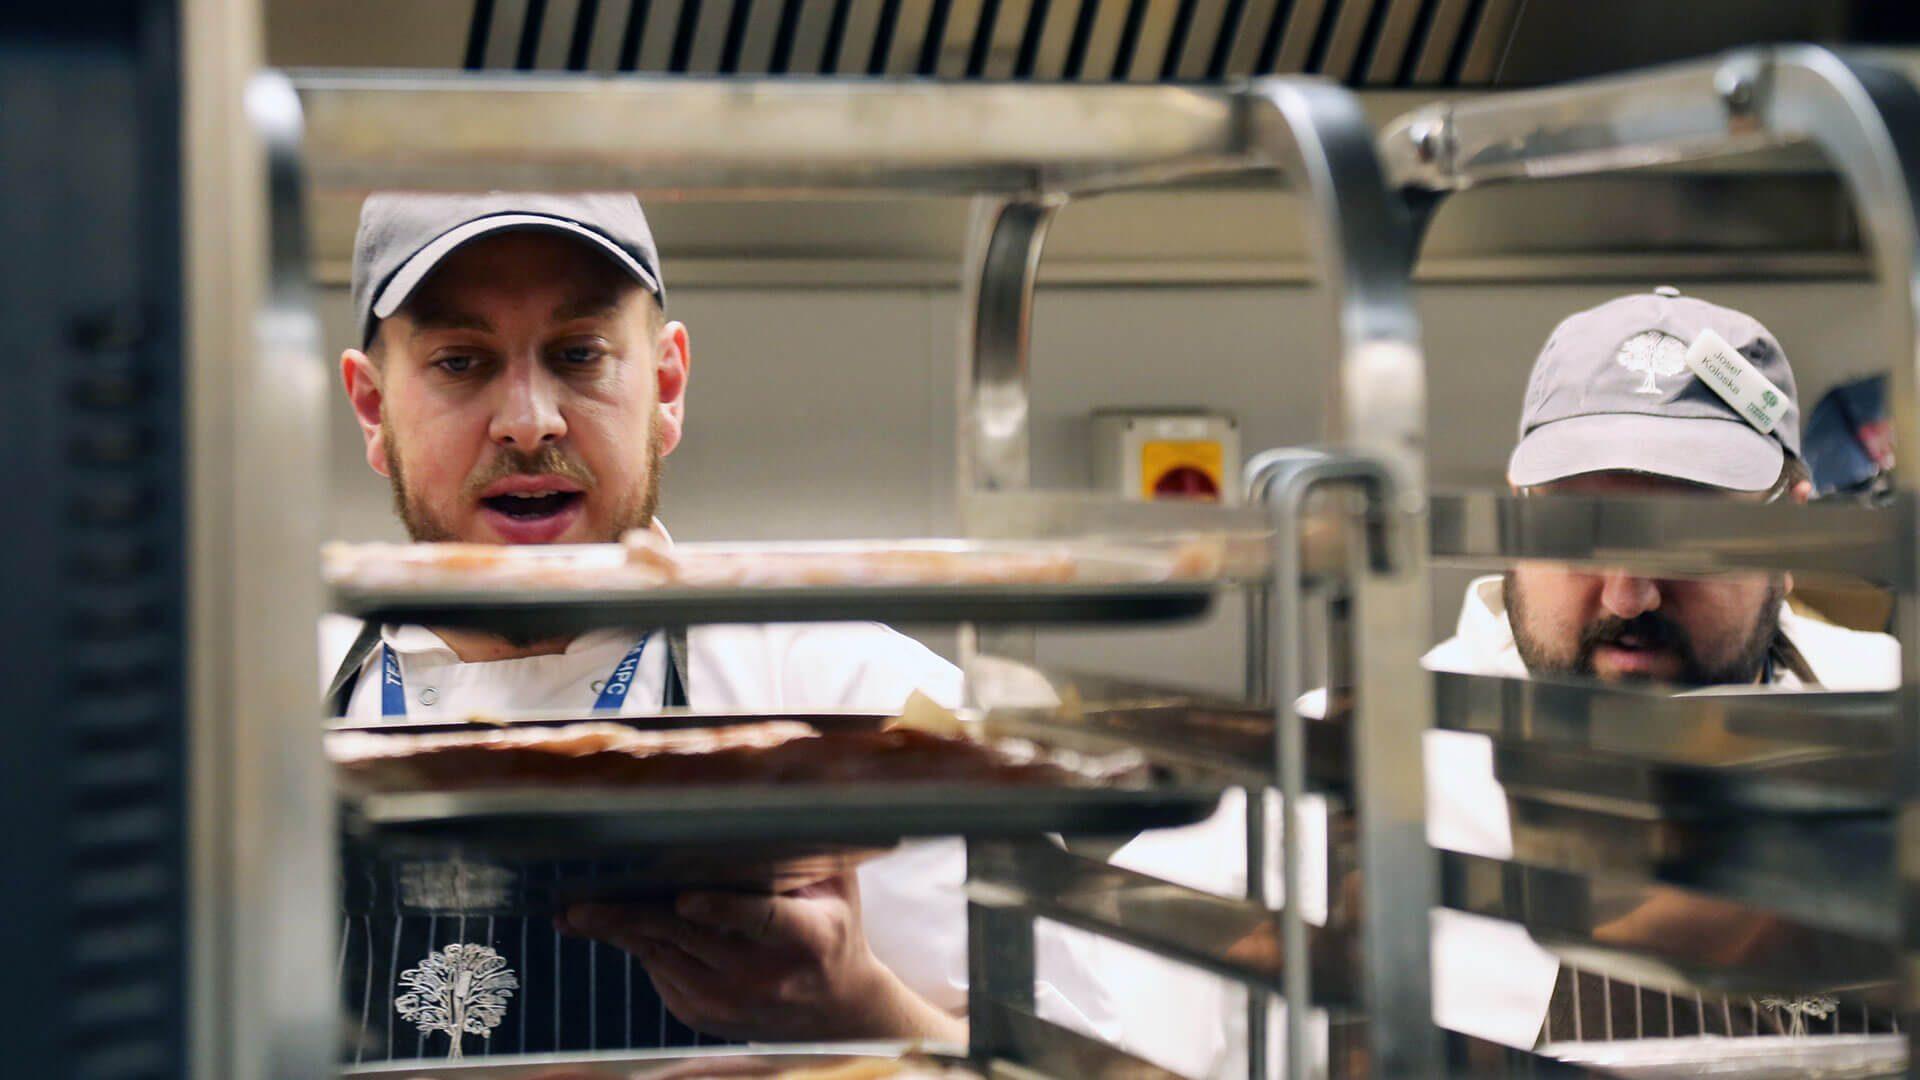 Chefs working in kitchen